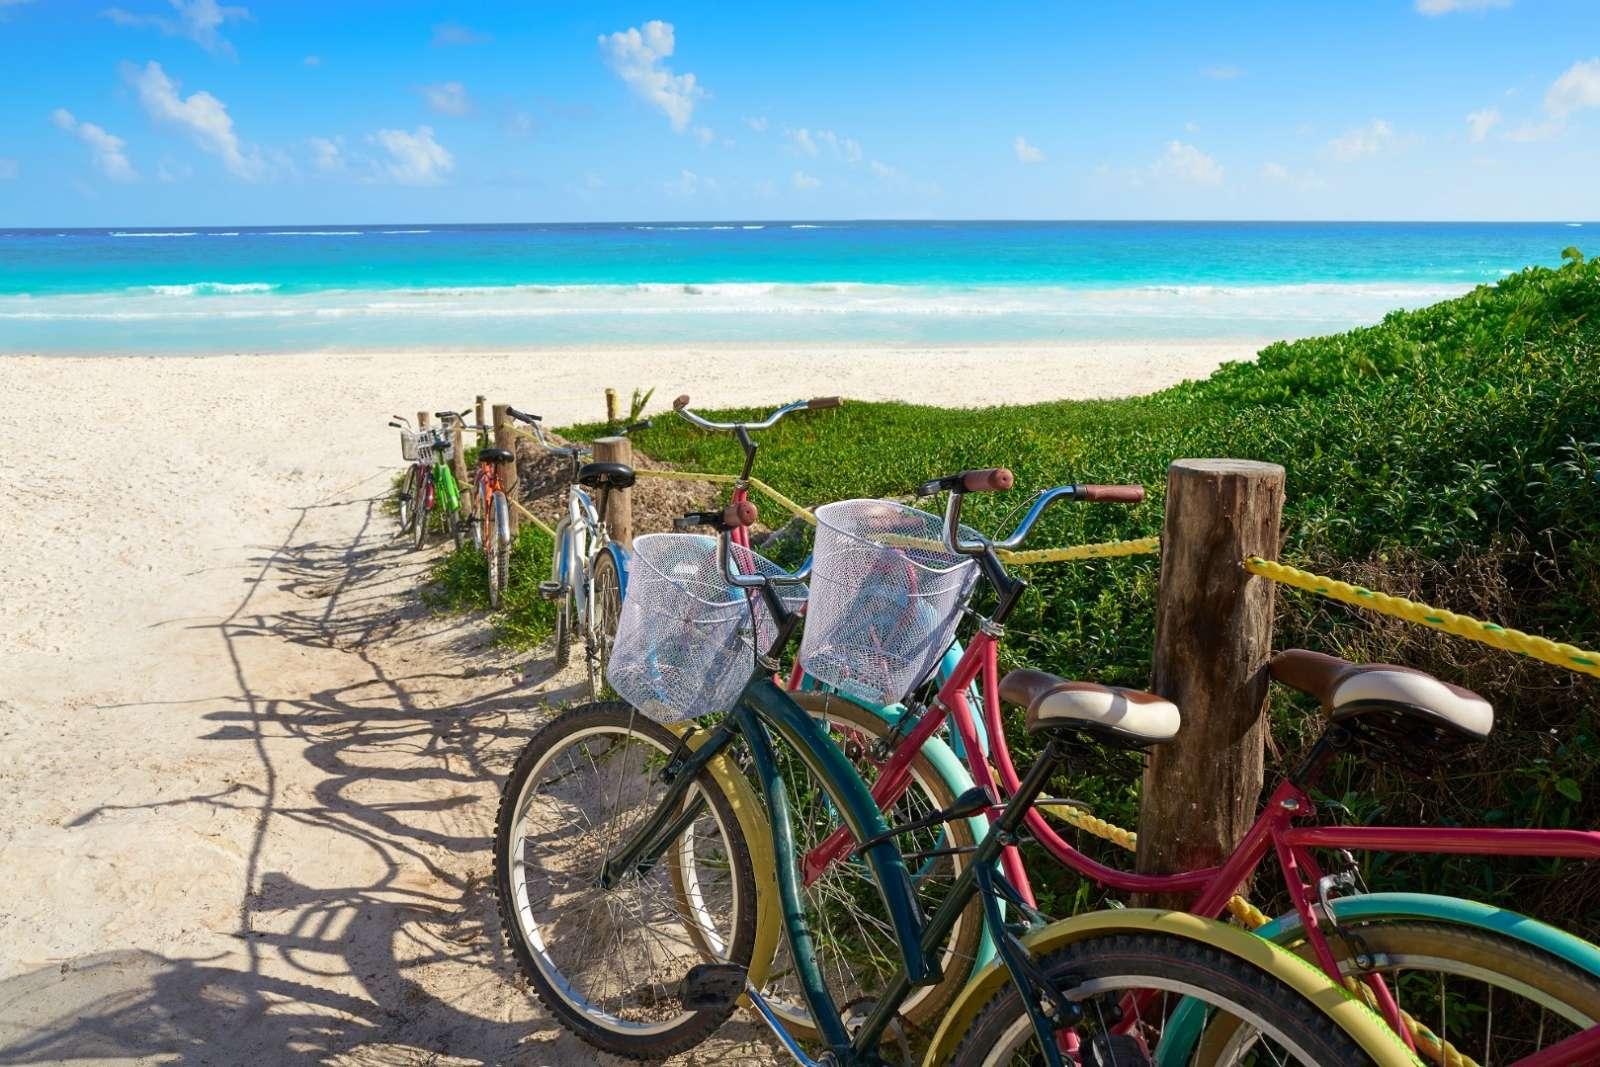 Bikes on Tulum beach